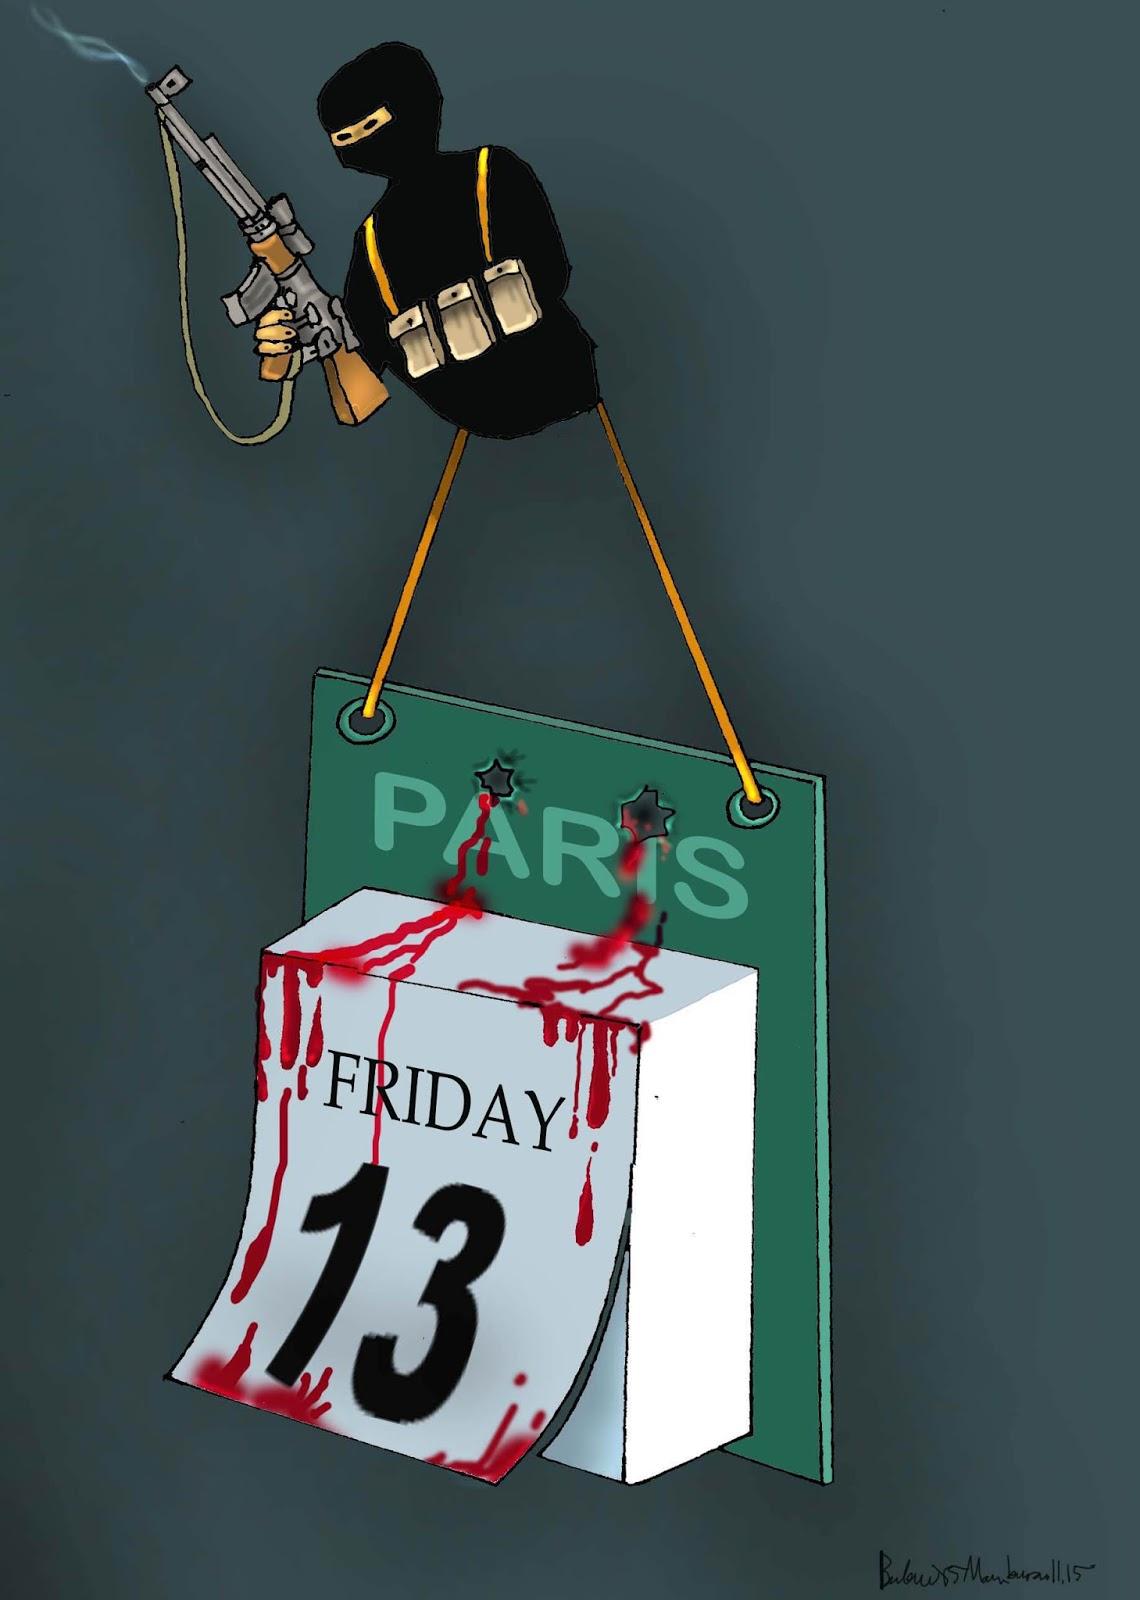 http://2.bp.blogspot.com/-Vu9AyahnGO8/VkfJuLBEHmI/AAAAAAAB6UU/AJH-xHynR6o/s1600/Paris%2Bthu%2Bsau%2B13-Babui-danlambao.jpg